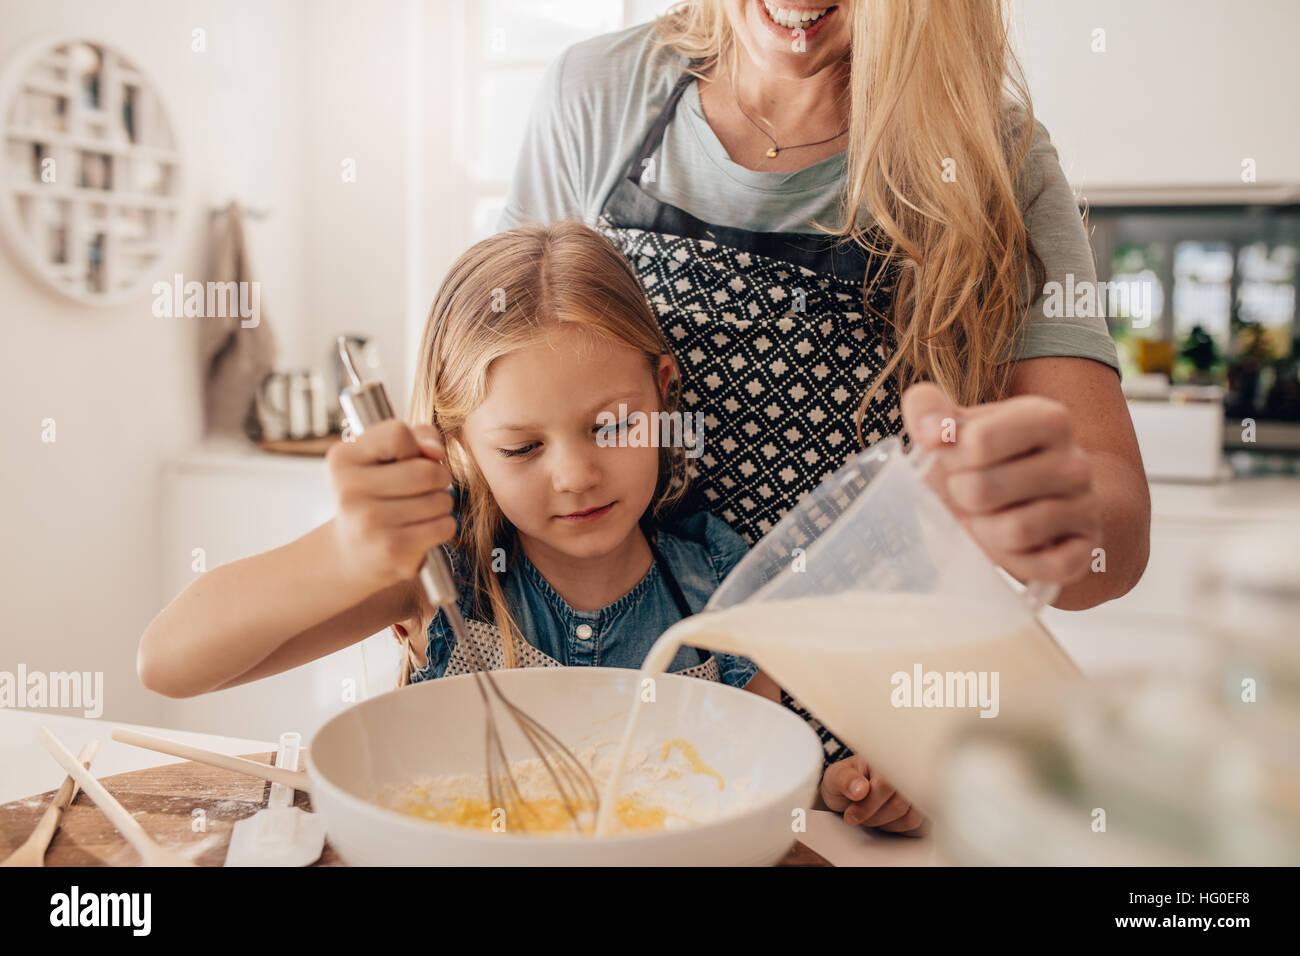 Carino bambina e sua madre per la miscelazione di pastella nella ciotola. Madre versando il latte con la figlia Immagini Stock